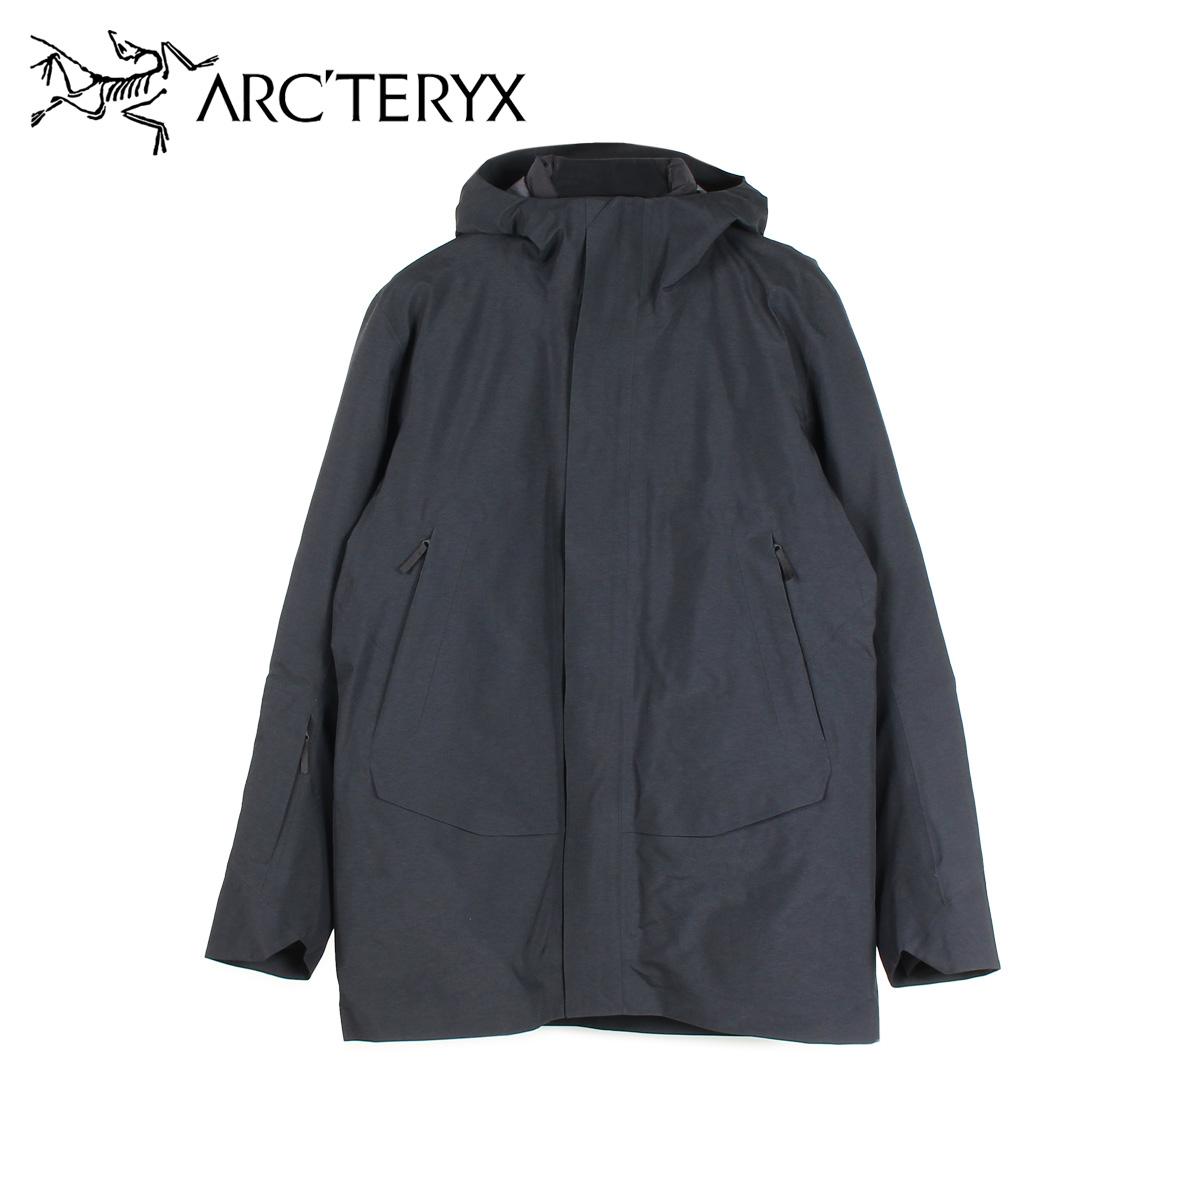 【最大2000円OFFクーポン】 アークテリクス ヴェイランス ARCTERYX VEILANCE コート ダウンコート メンズ PATROL DOWN COAT ブラック 黒 16377